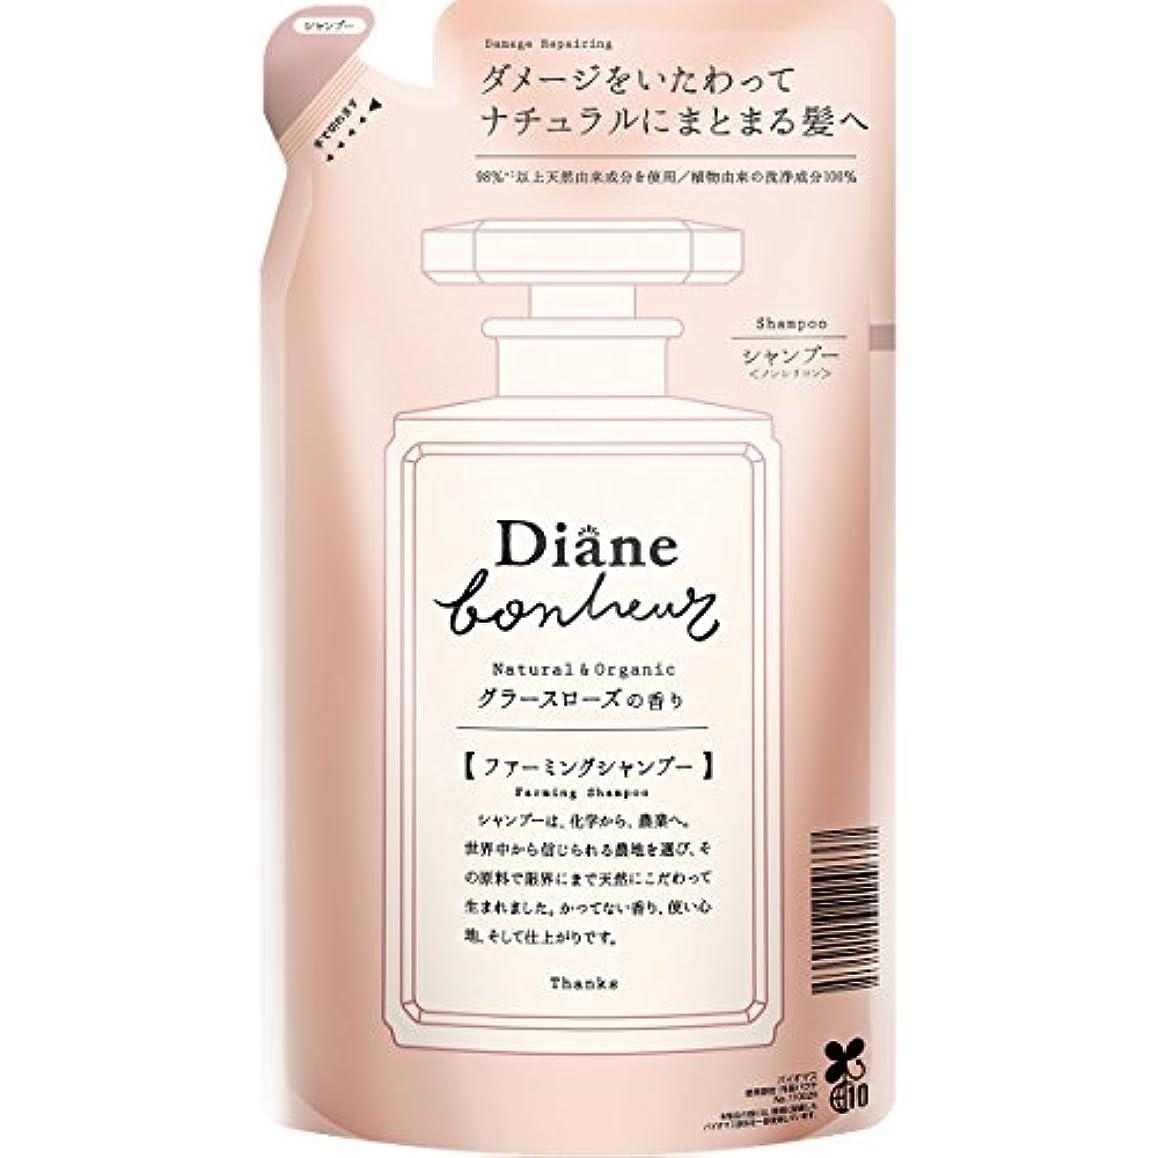 混乱させる団結する行商ダイアン ボヌール グラースローズの香り ダメージリペア シャンプー 詰め替え 400ml